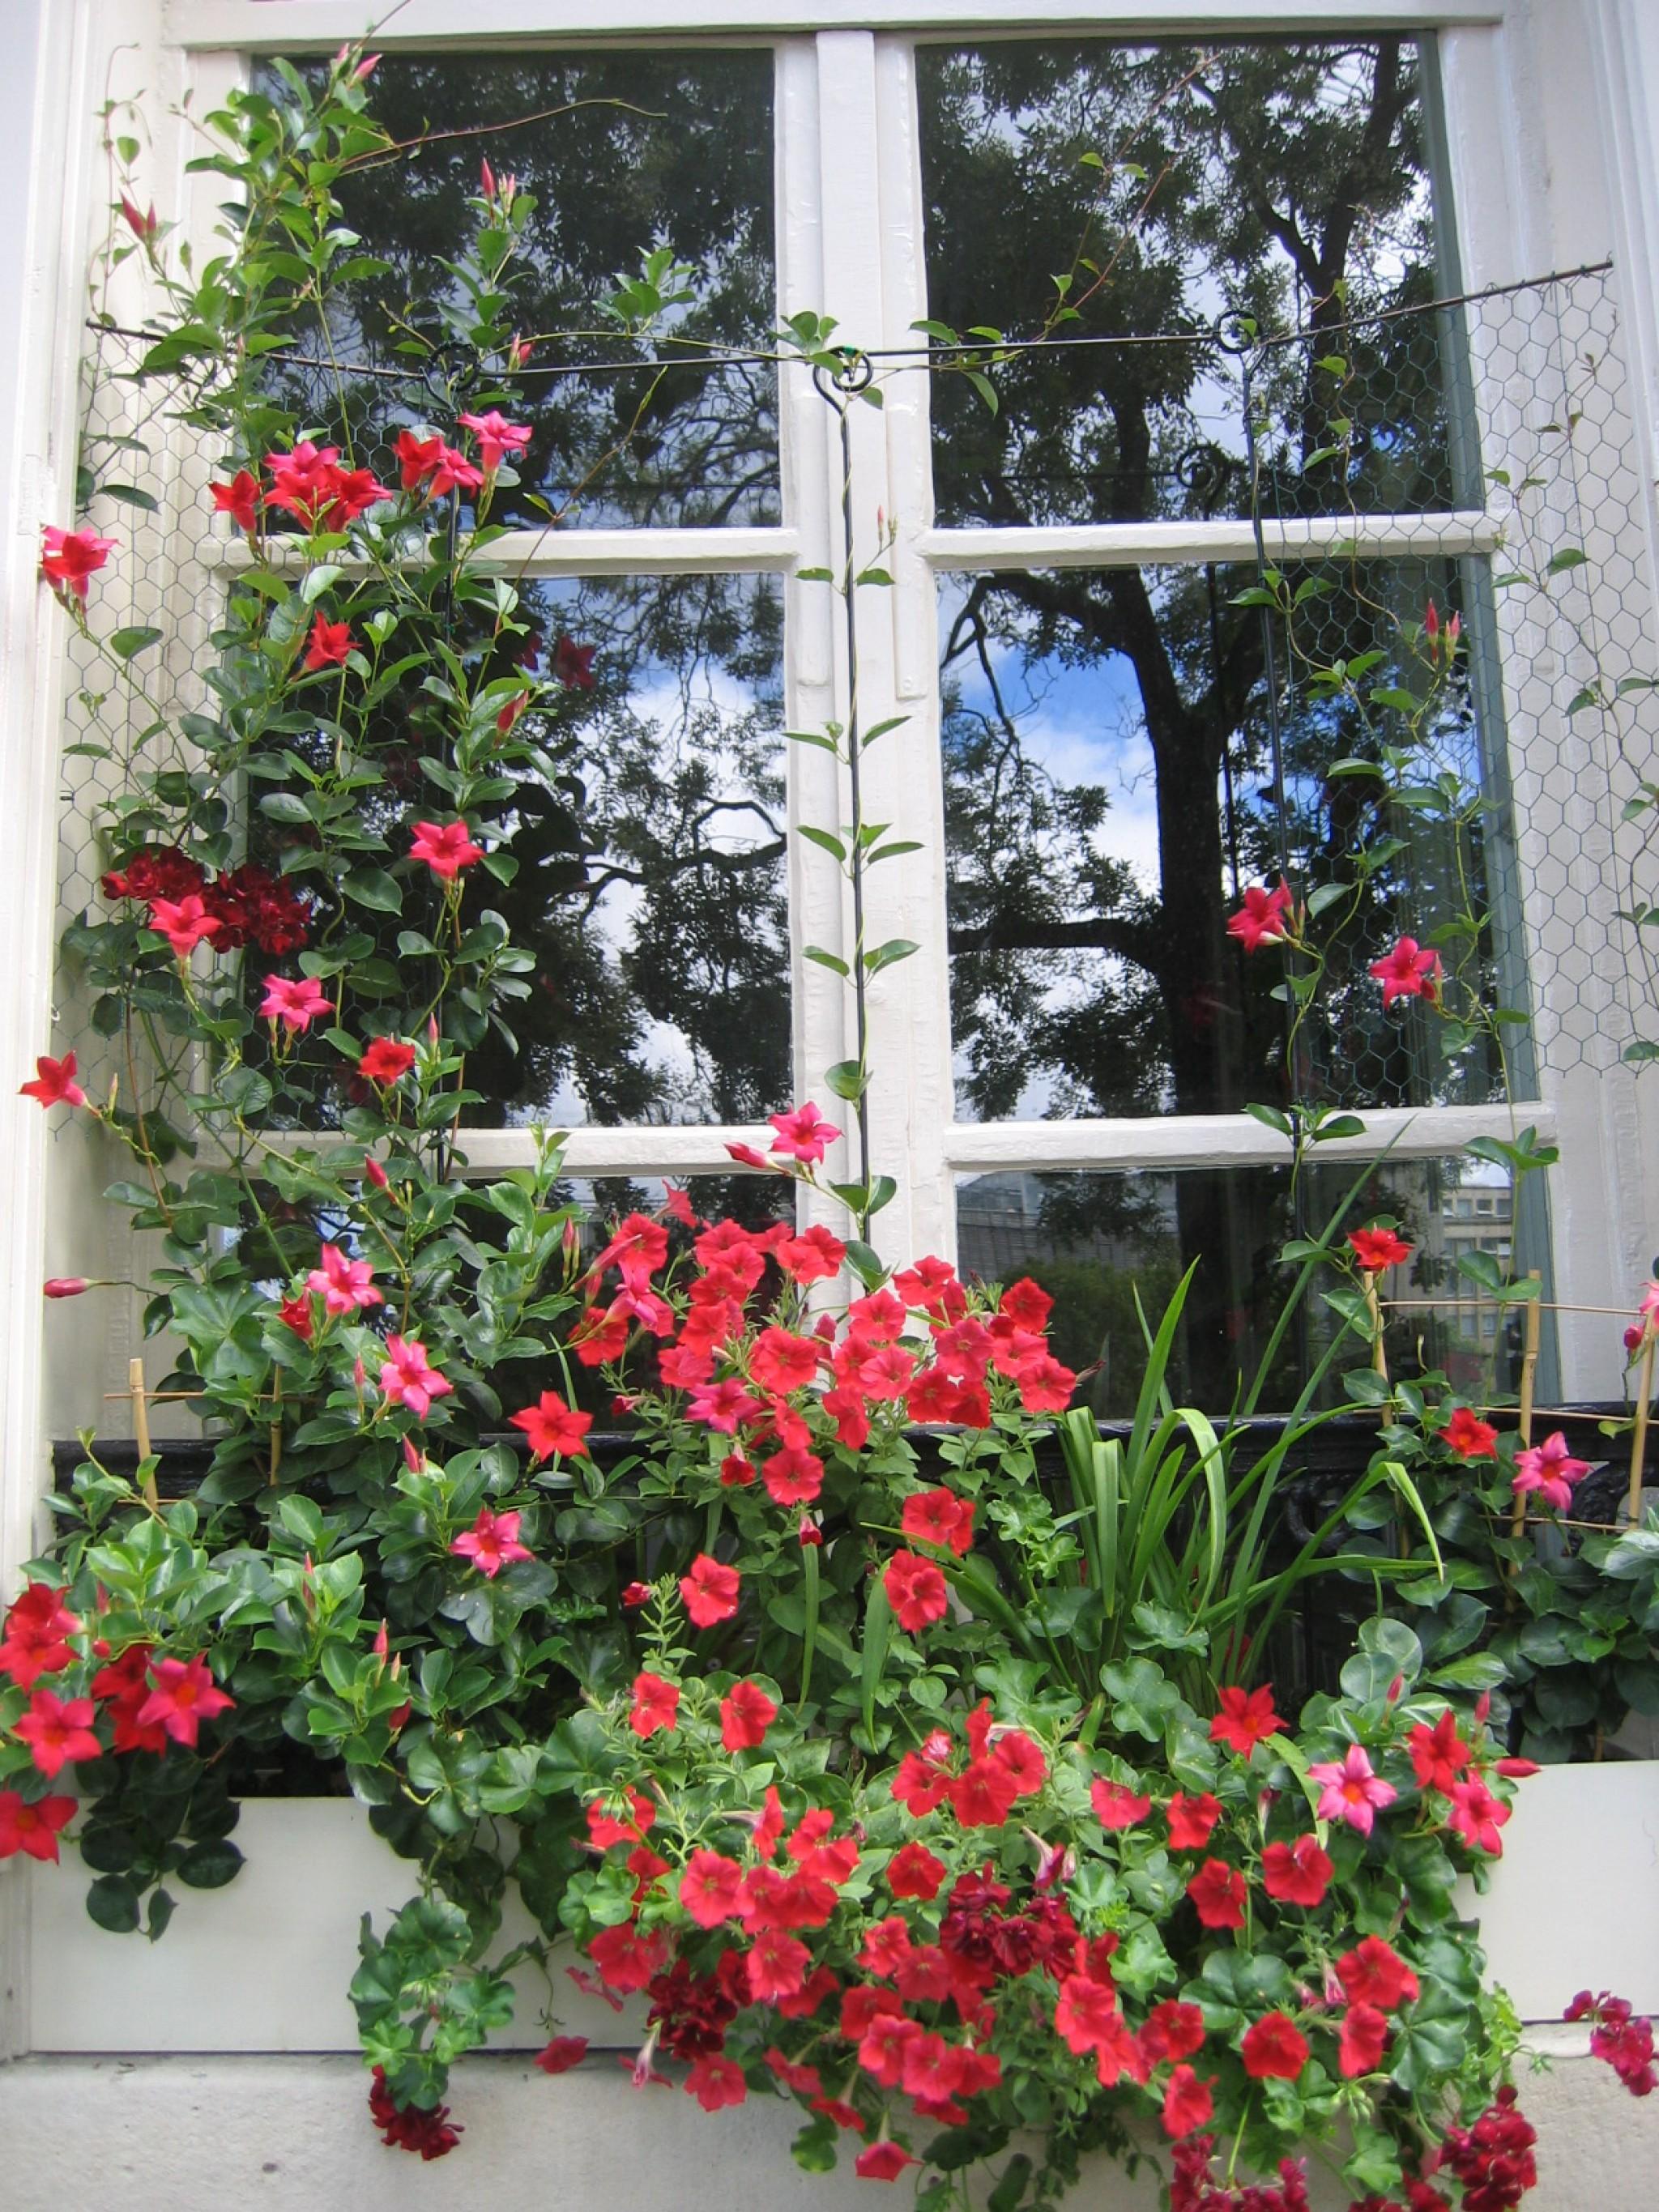 Rampicanti Adatti In Vaso le 10 più belle piante rampicanti per il giardino | fai da